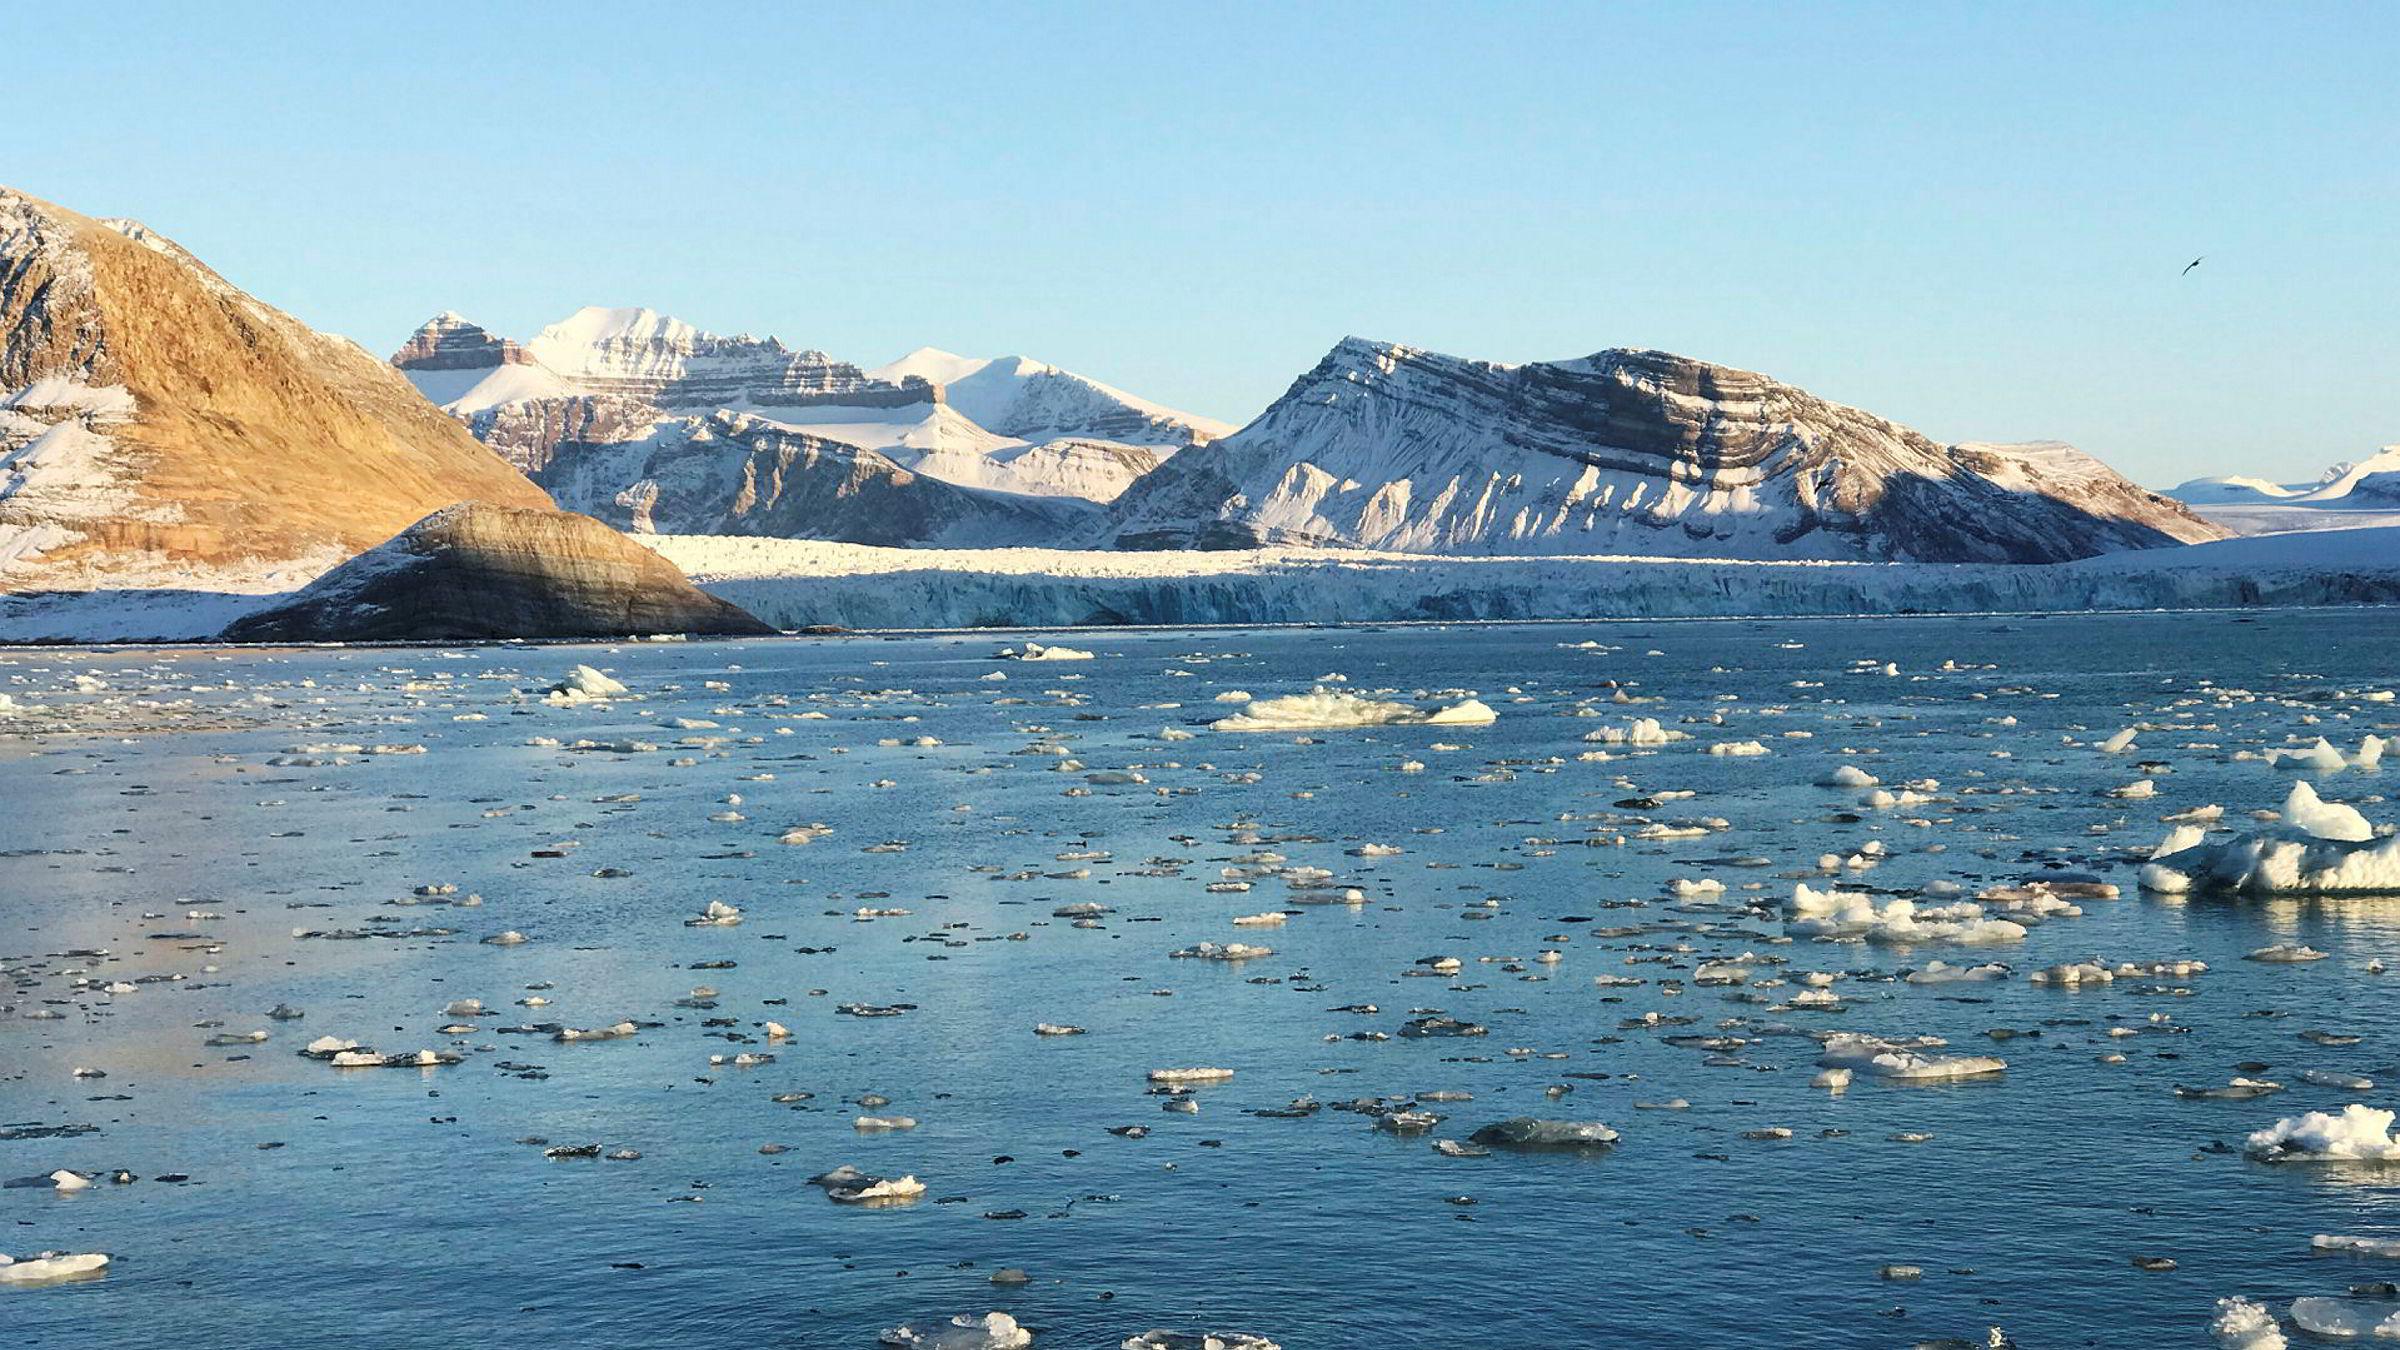 Iskanten i Barentshavet flyttes 134 kilometer sørover, som betyr at 55.000 kvadratkilometer mer hav blir vernet. Her fra Kongsfjorden ved Ny-Ålesund på Svalbard.